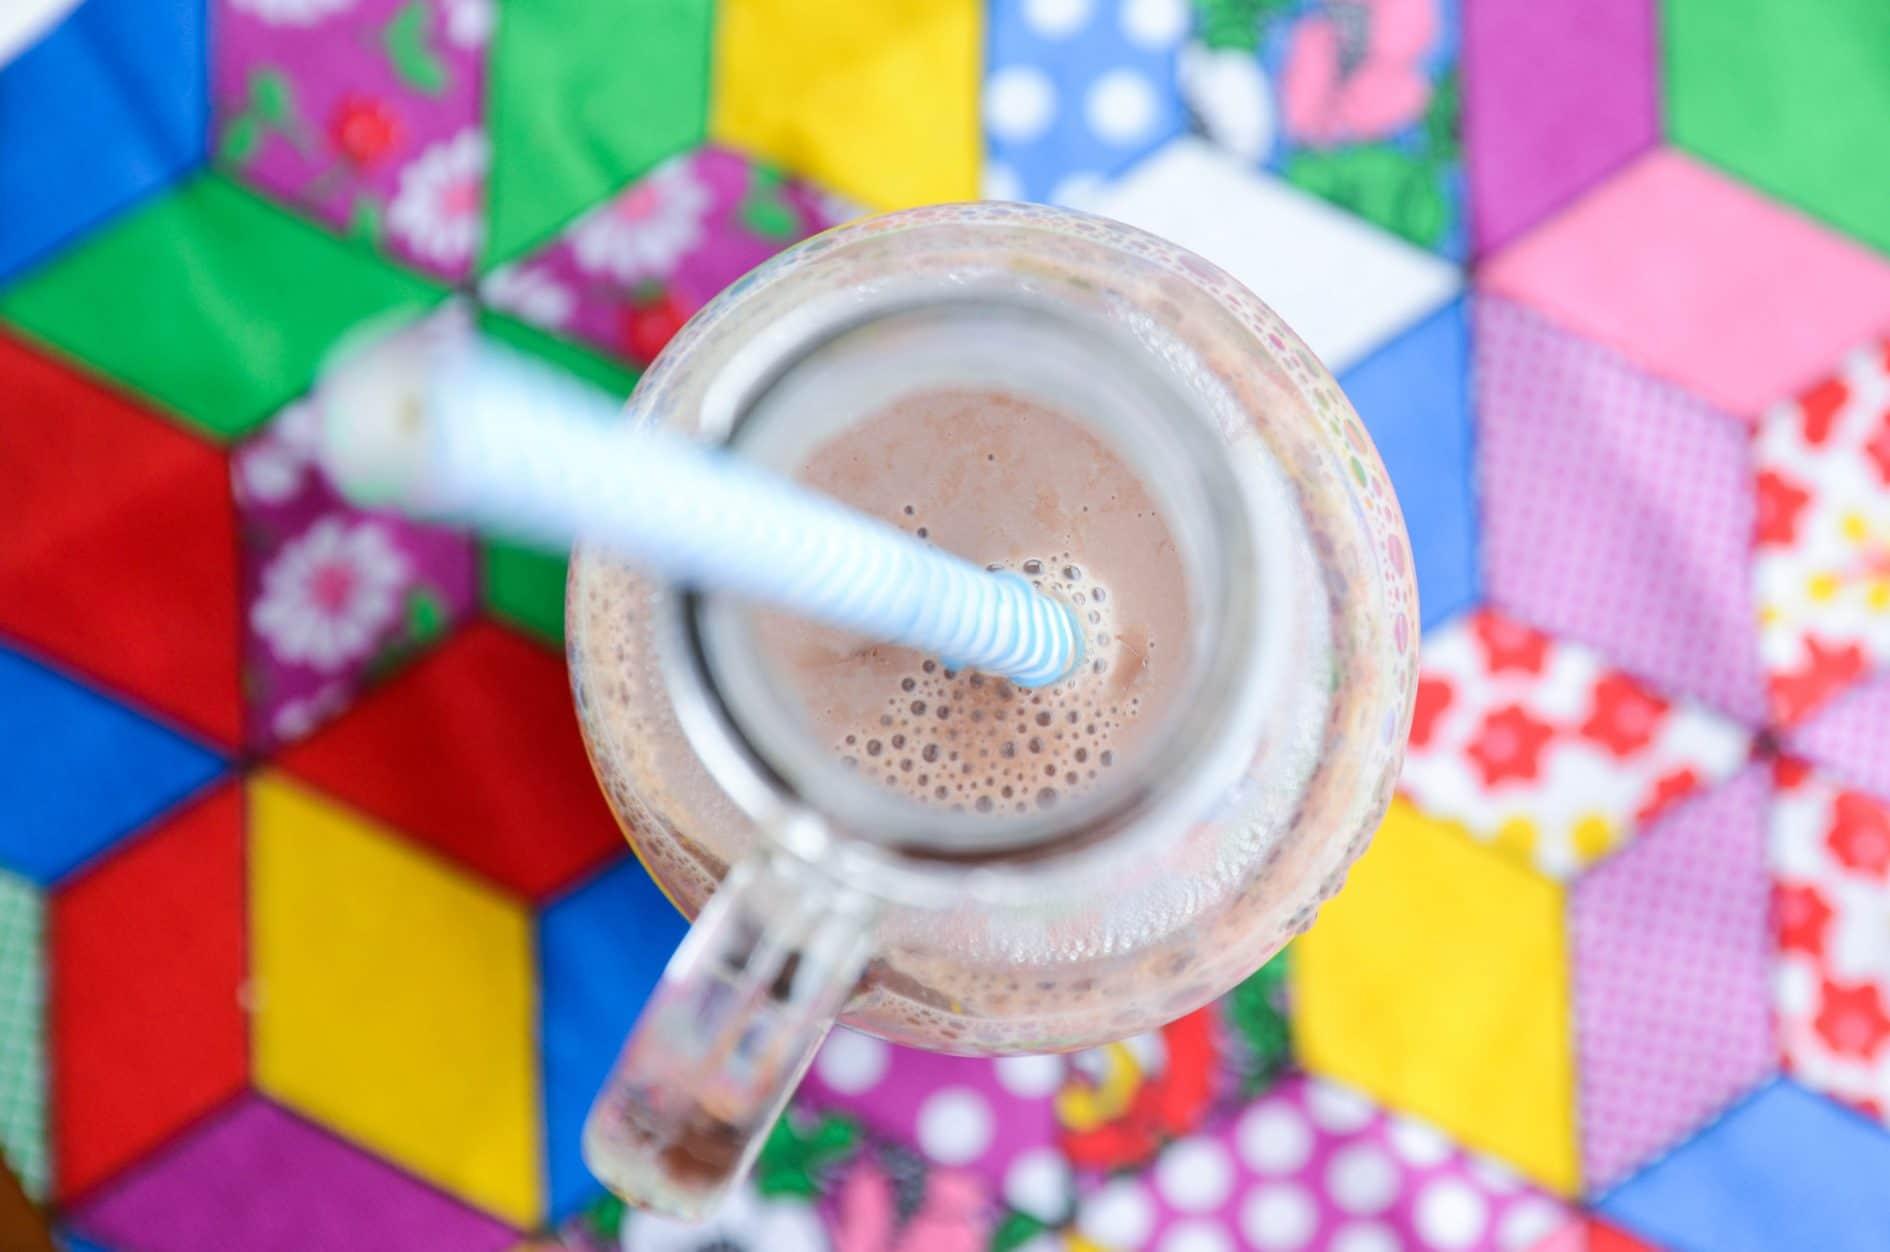 receita de chocolate quente cremoso bem brasileiro, feito com leite condensado, canela e chocolate em pó e engrossado com amido de milho